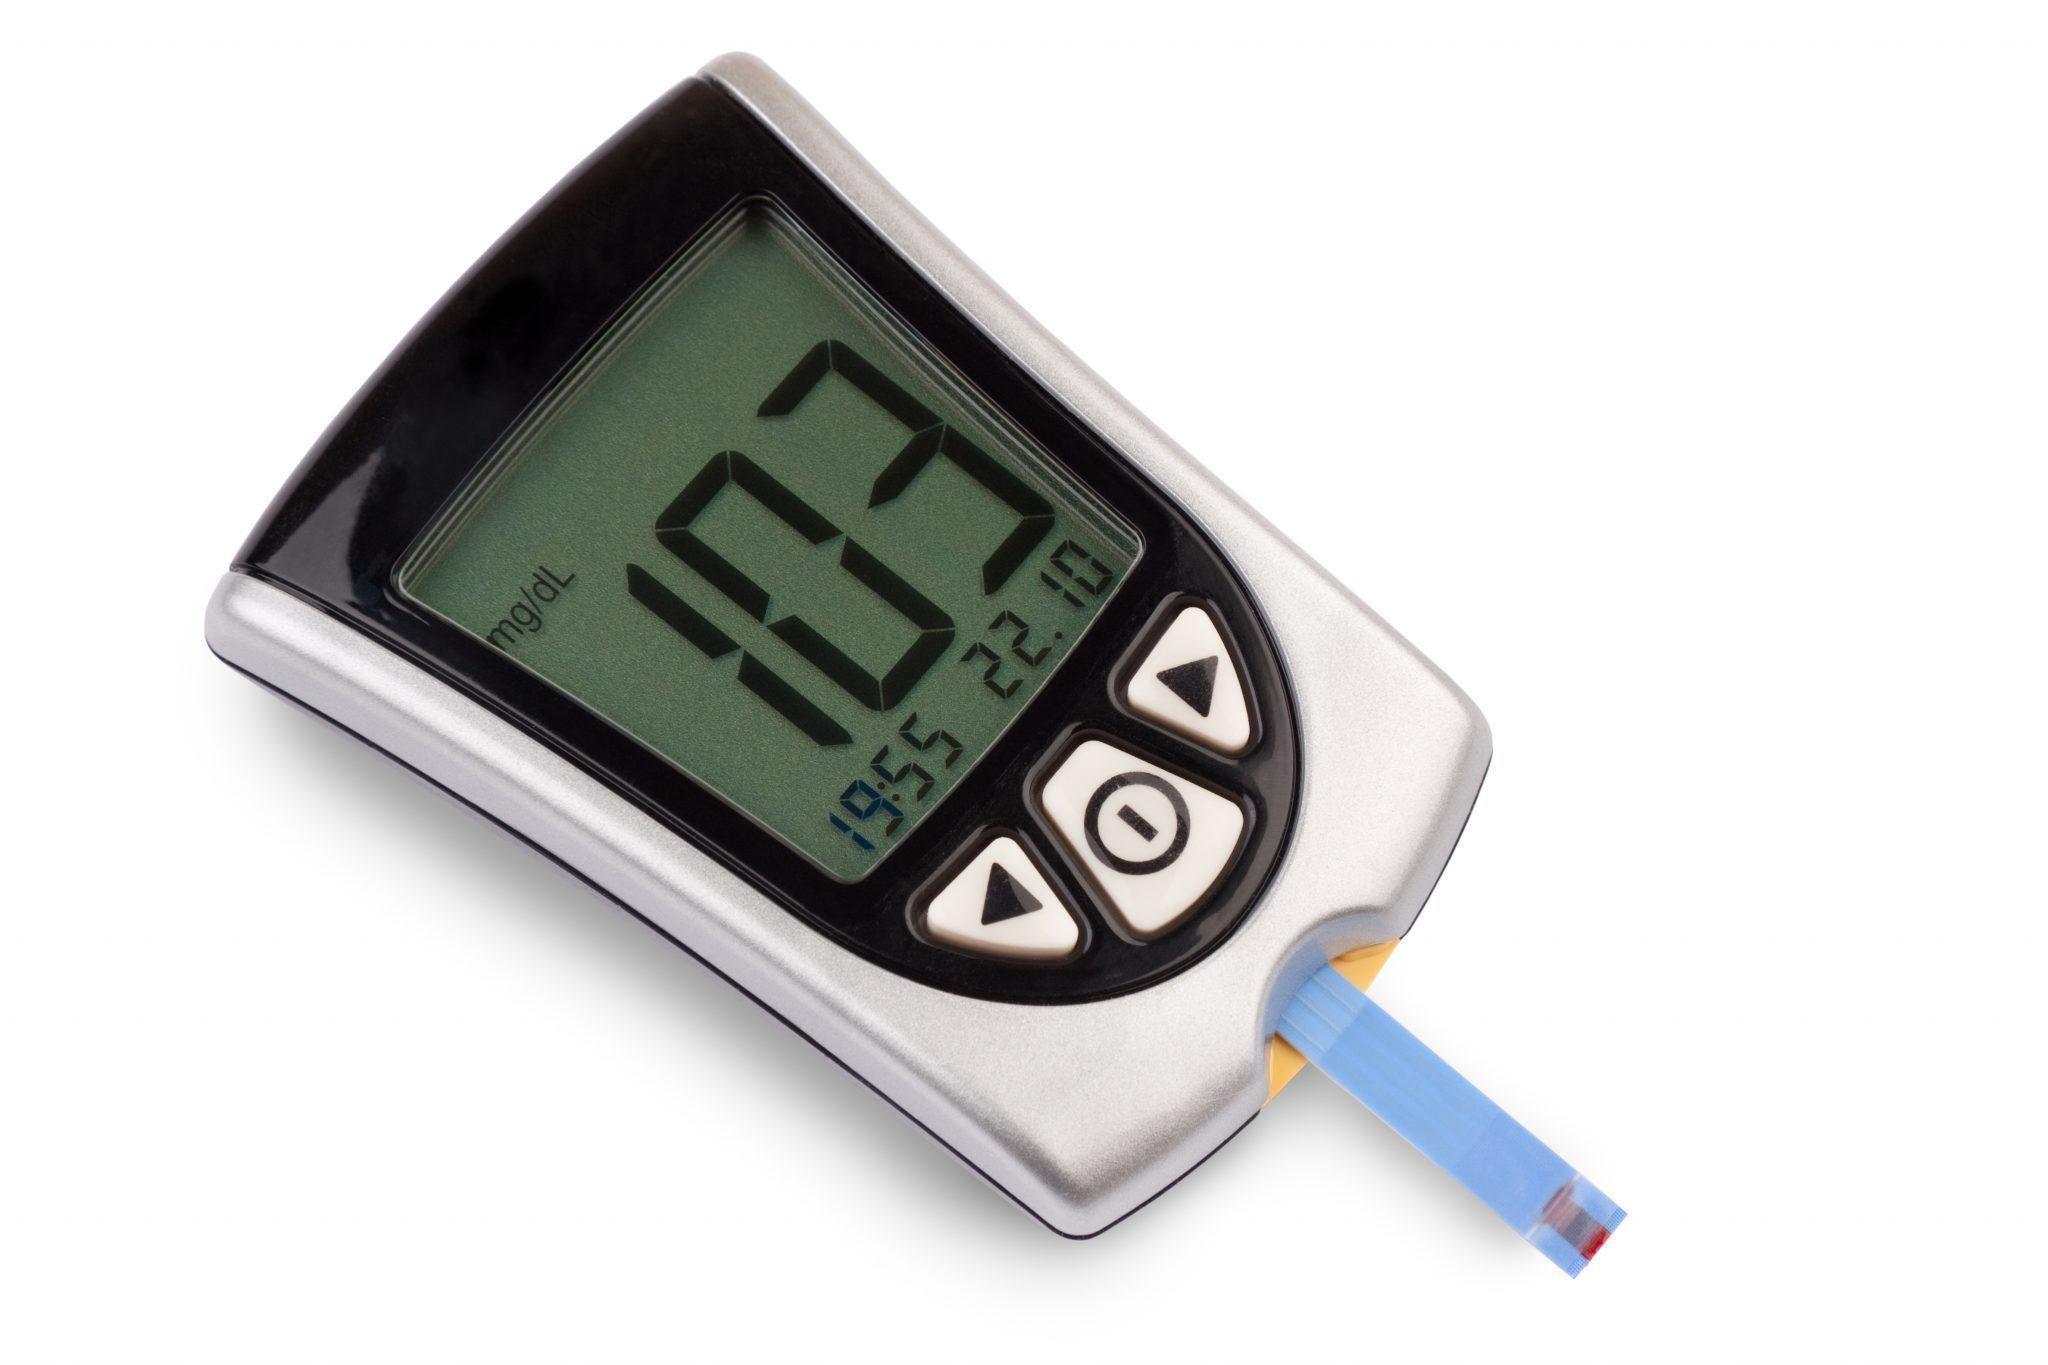 Eag: Estimated Average Glucose Levels